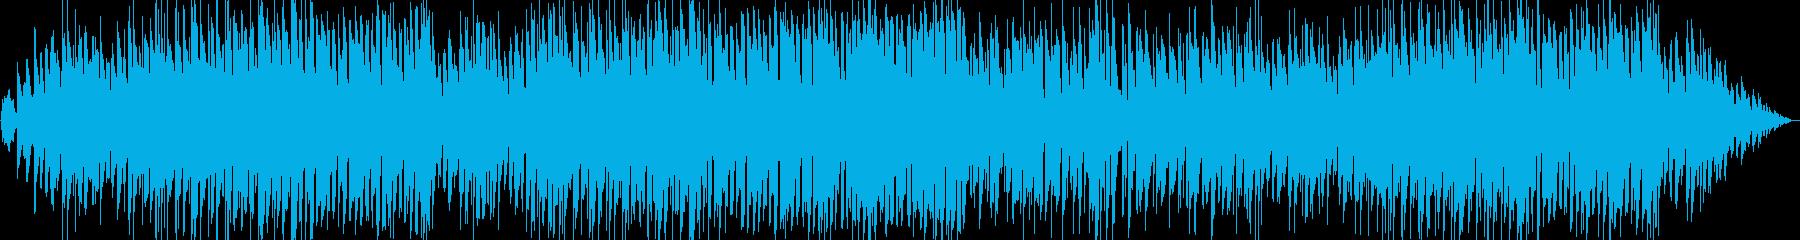 ケルト風・スタイリッシュ・ゲーム曲の再生済みの波形